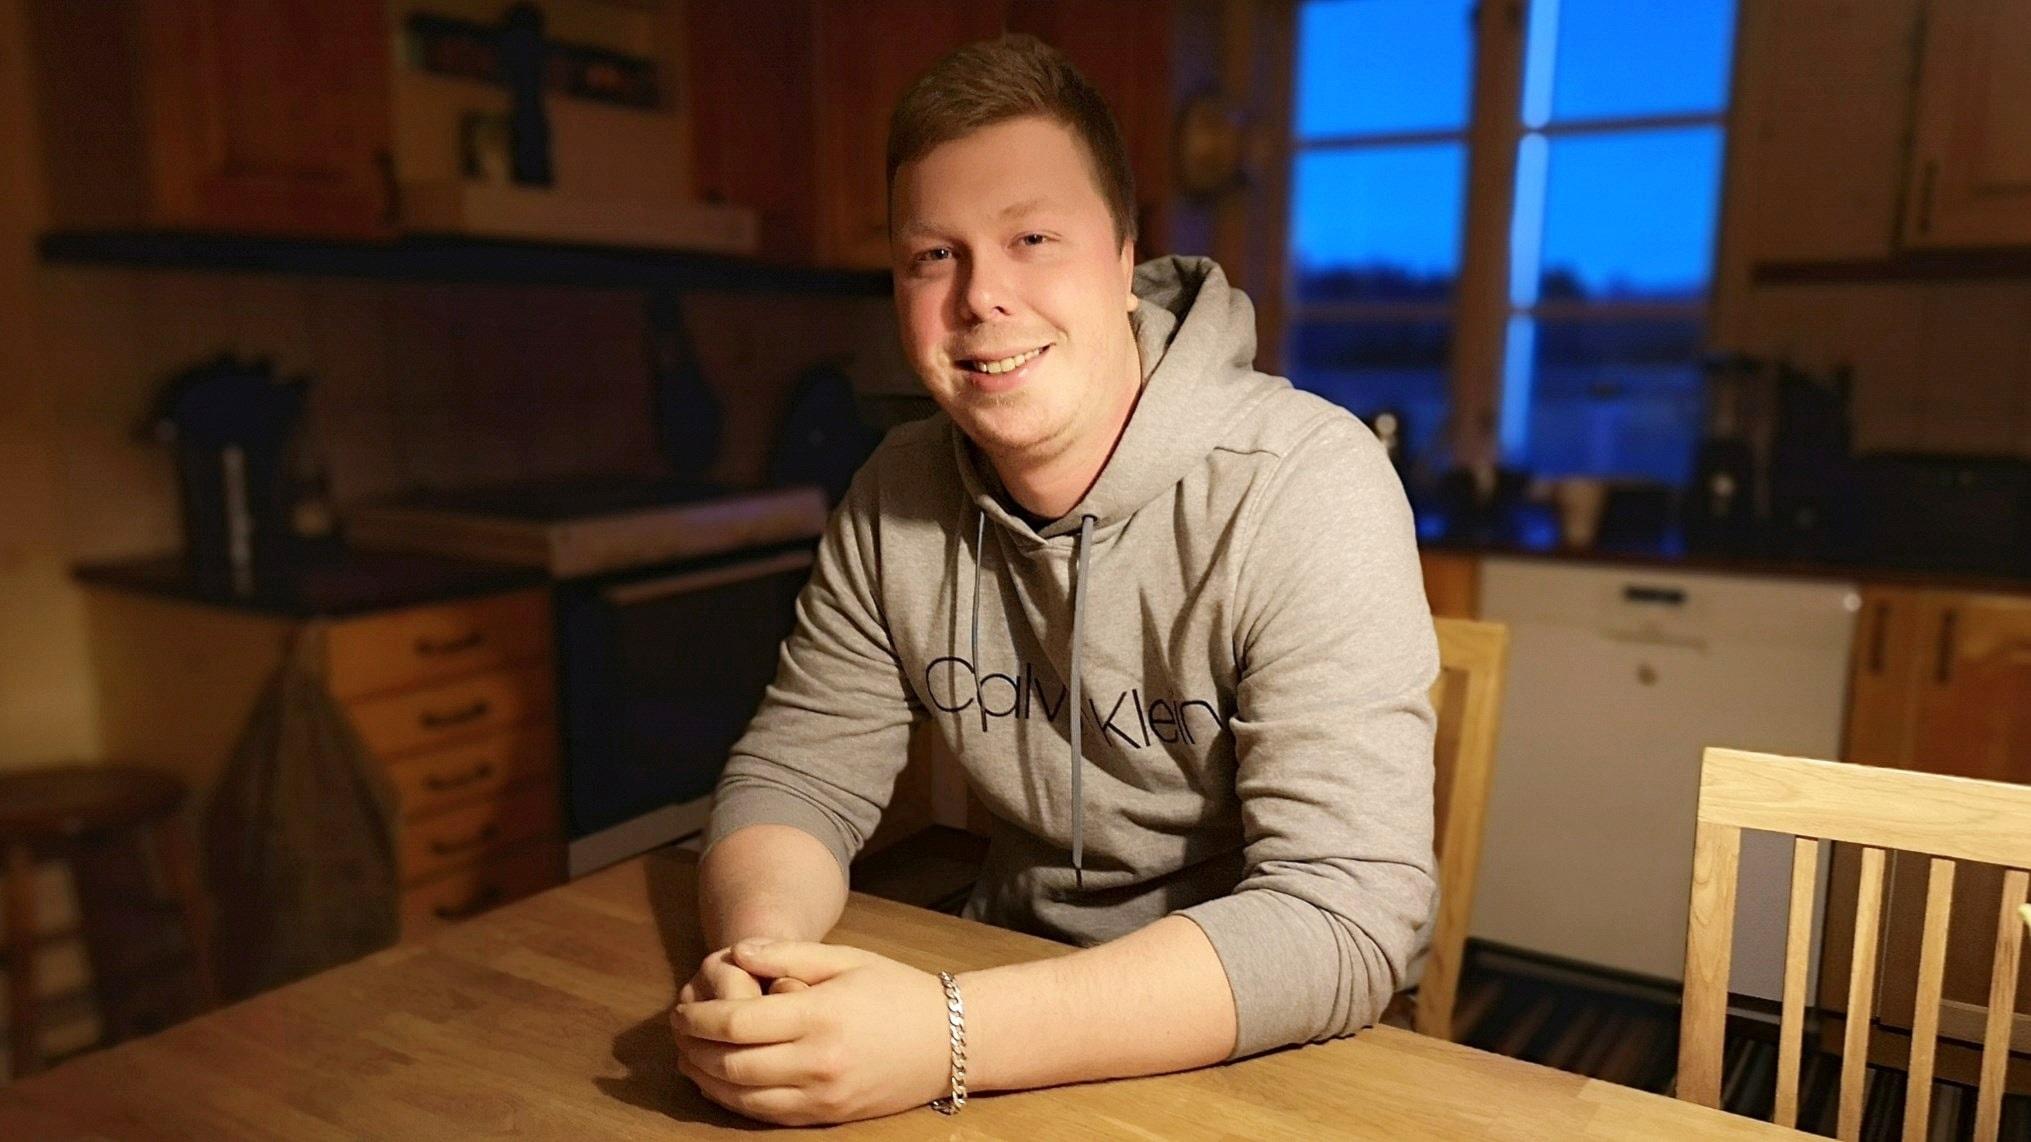 Johan berg, Klockarevgen 2, Virestad | patient-survey.net